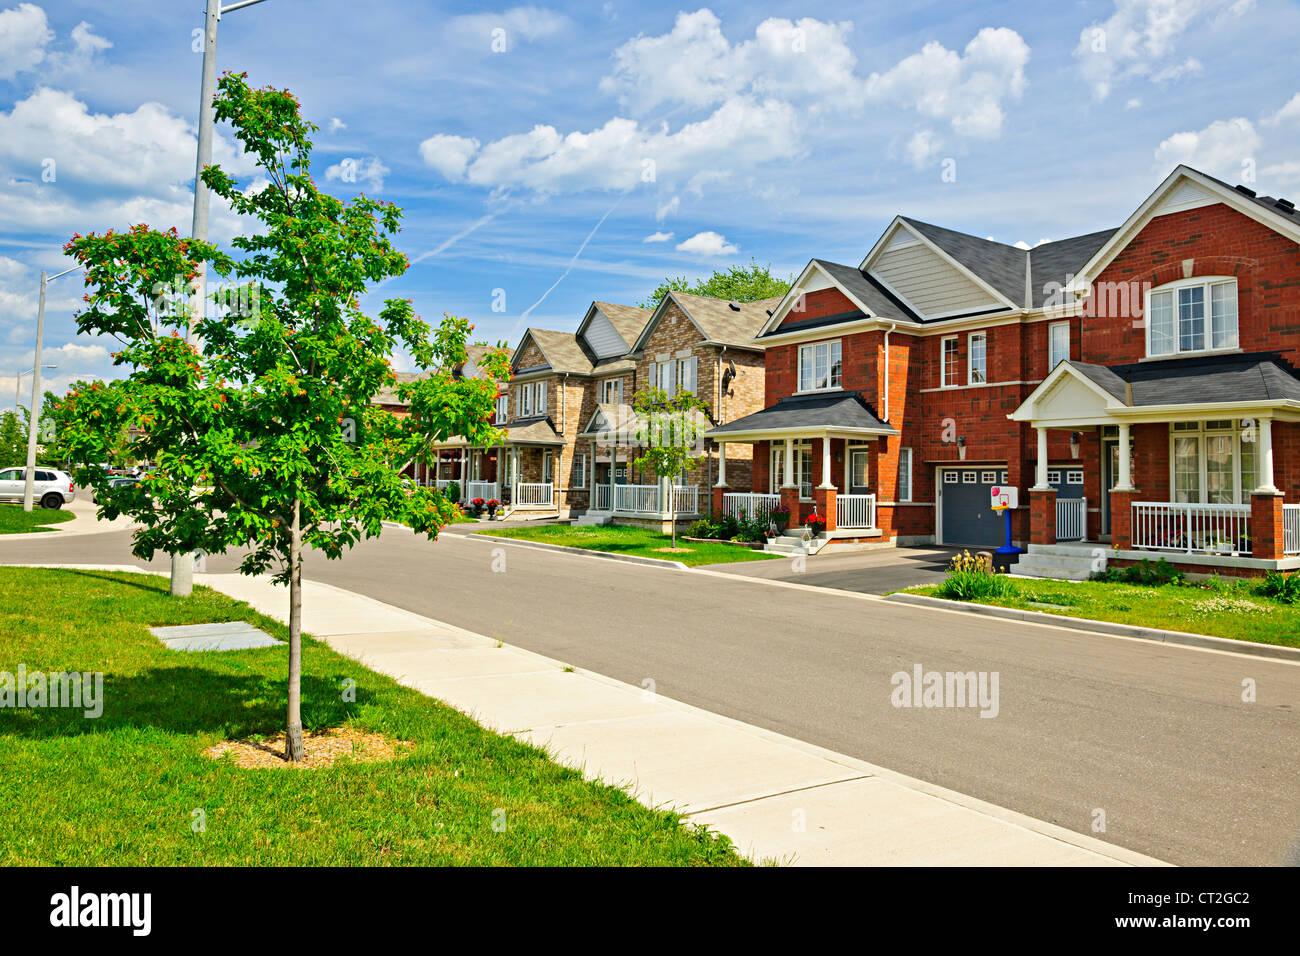 Suburban calle residencial con casas de ladrillo rojo Imagen De Stock